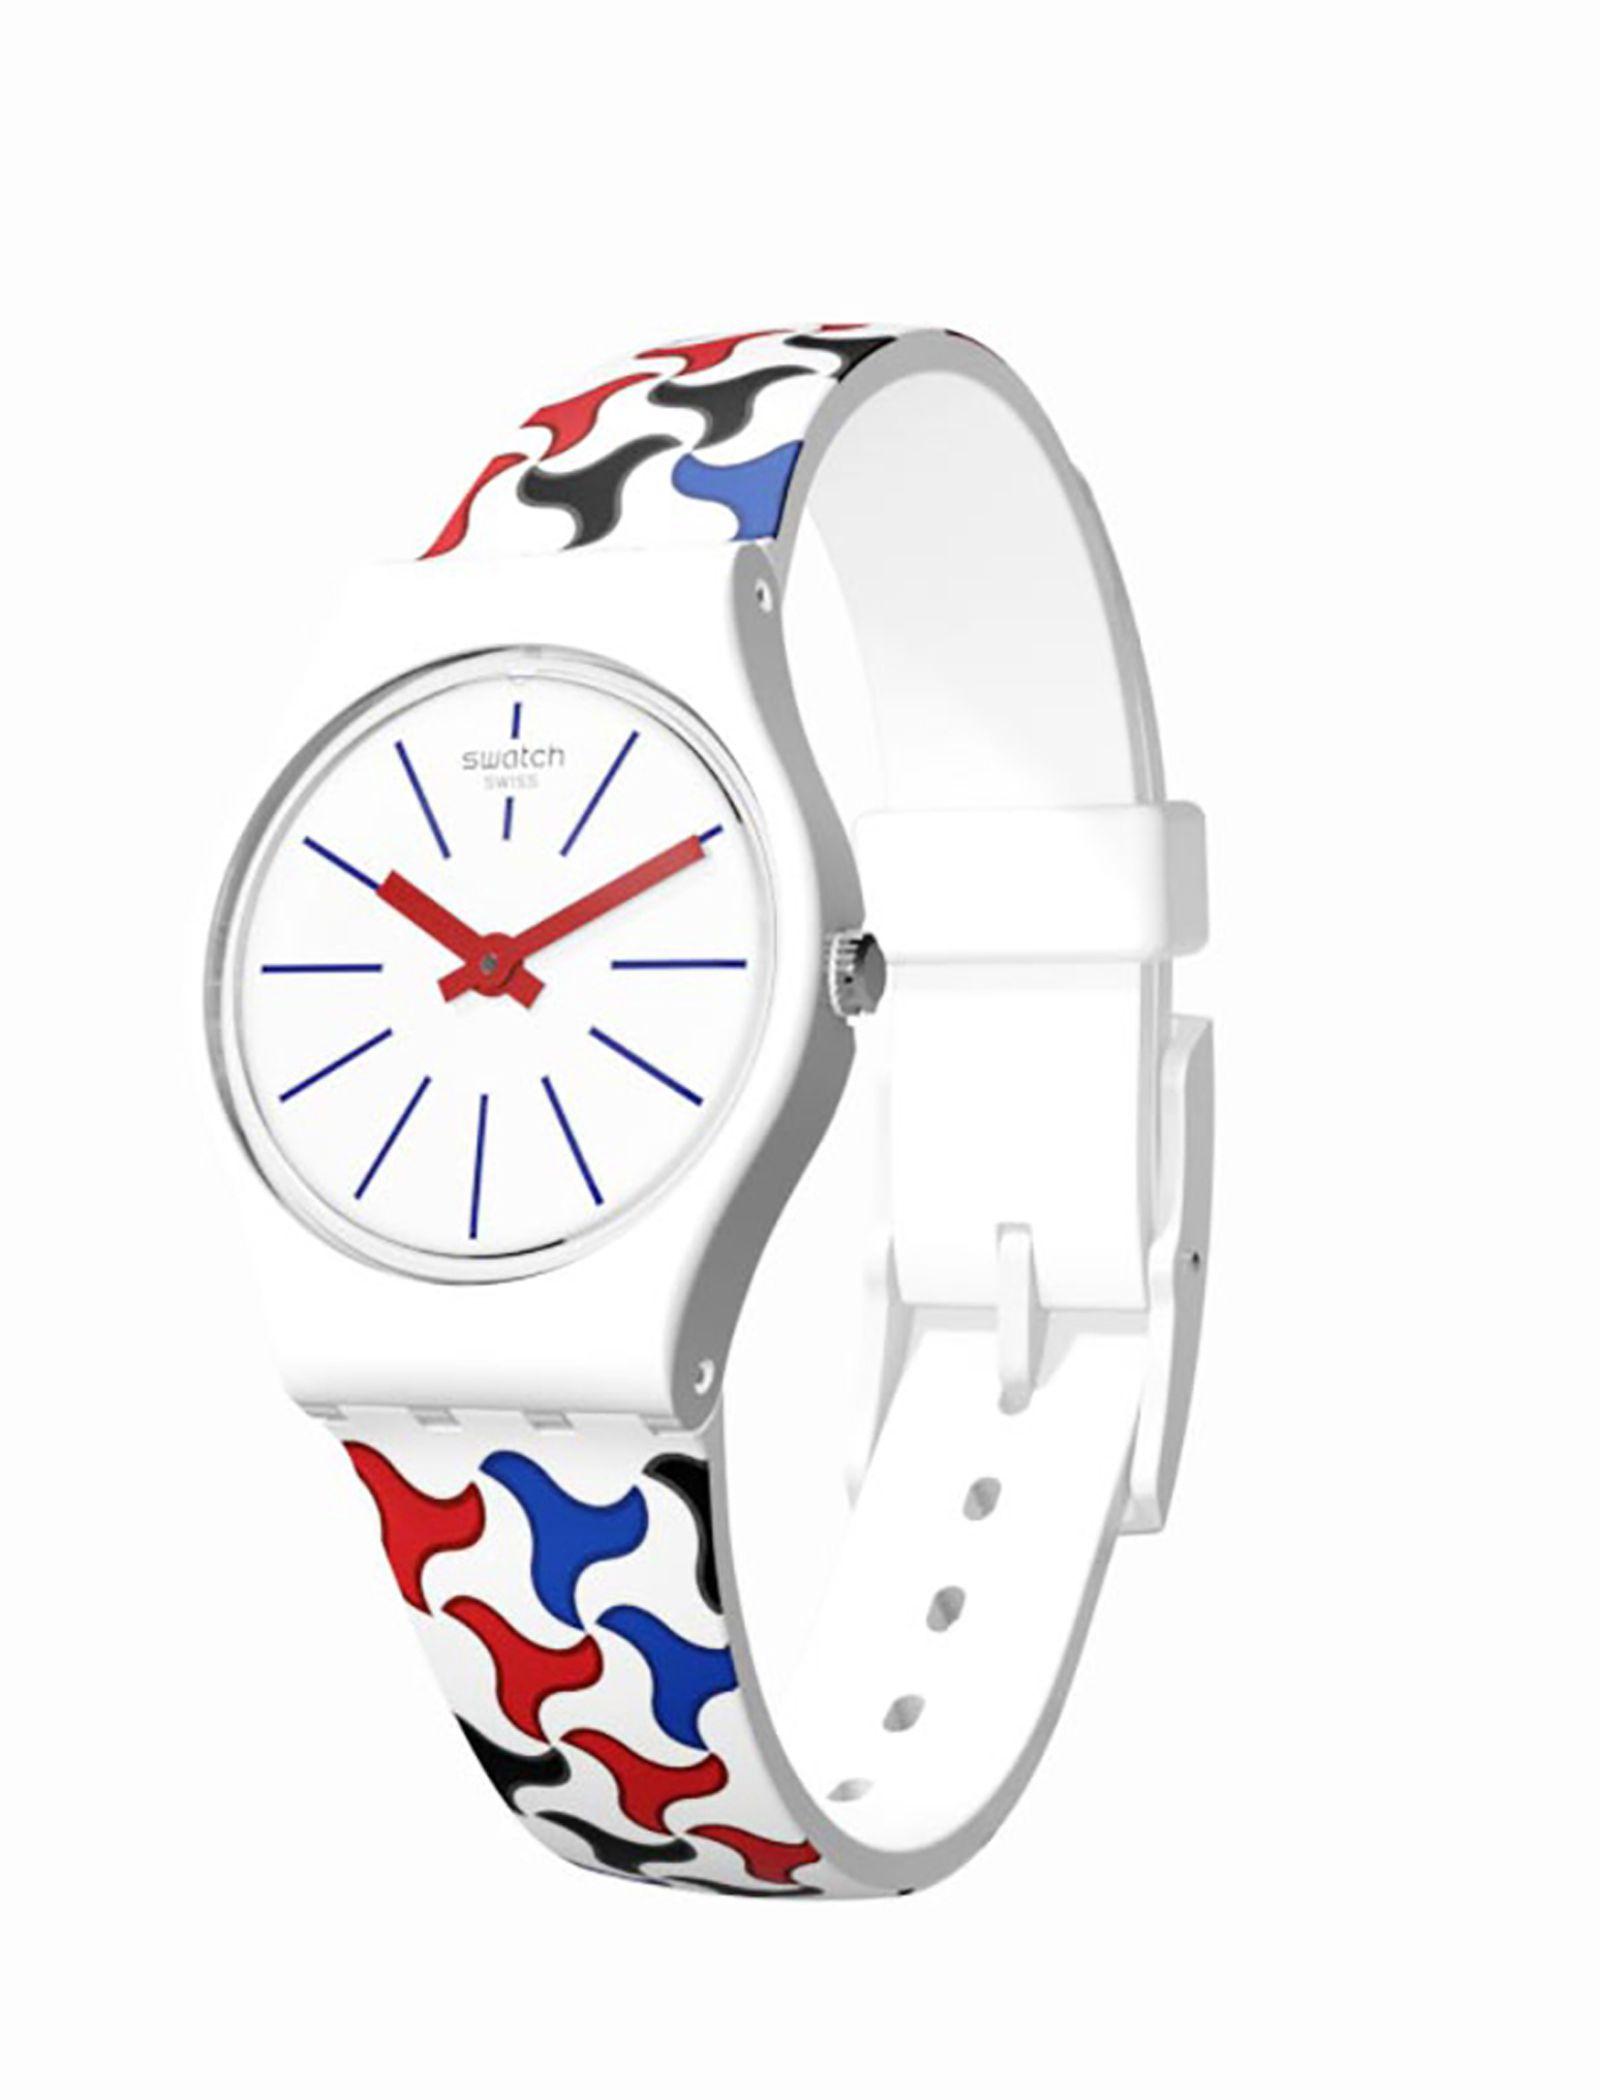 ساعت مچی عقربه ای زنانه سواچ مدل LW156 -  - 2